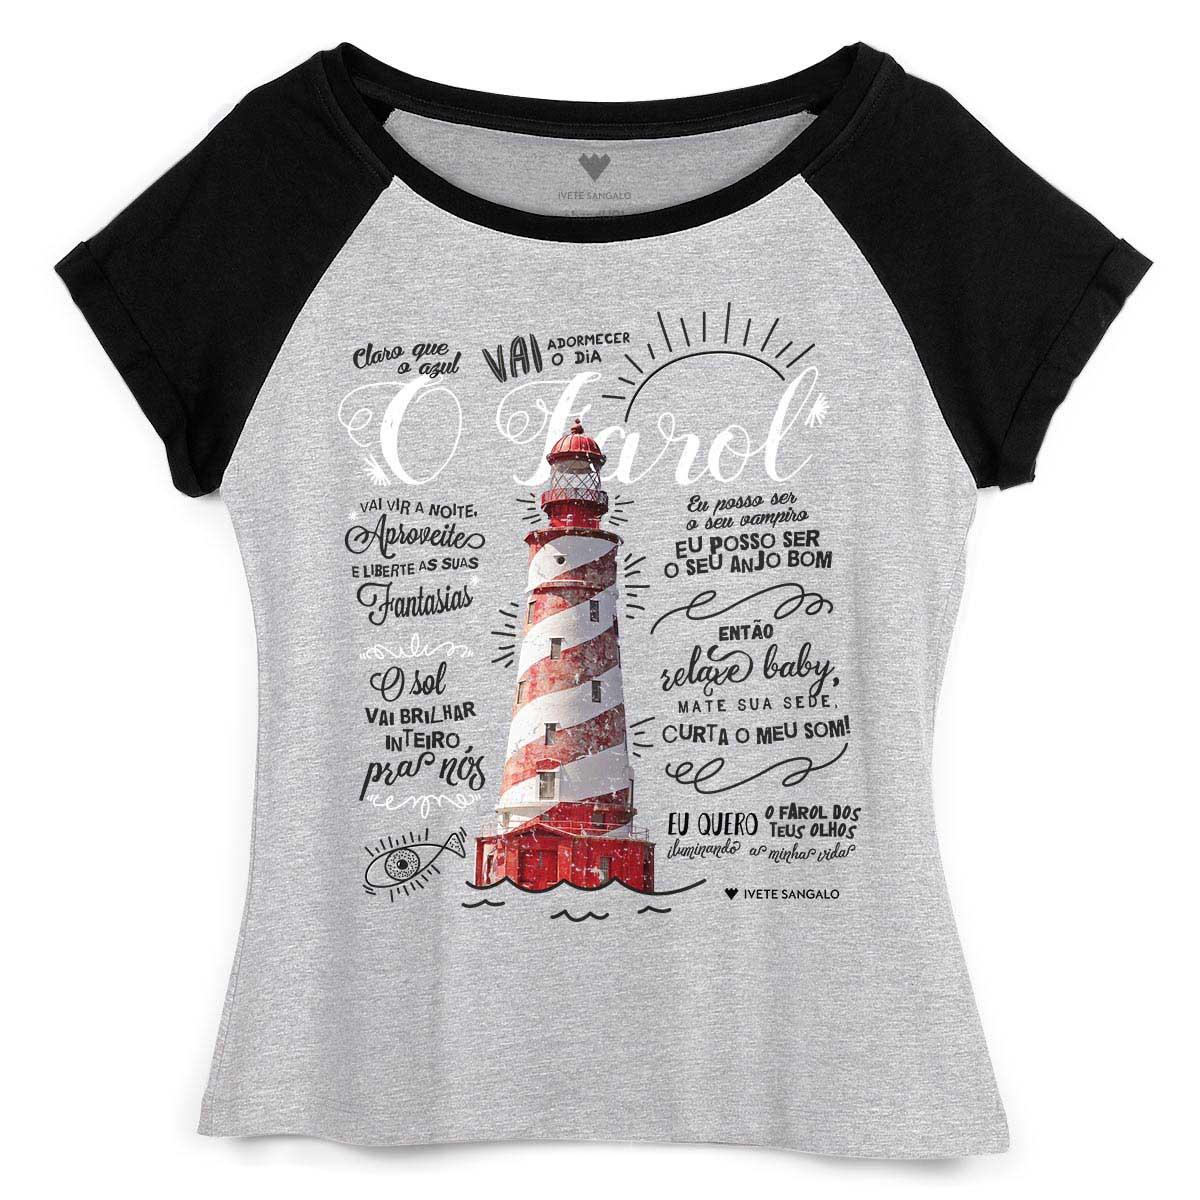 Camiseta Raglan Feminina Ivete Sangalo O Farol